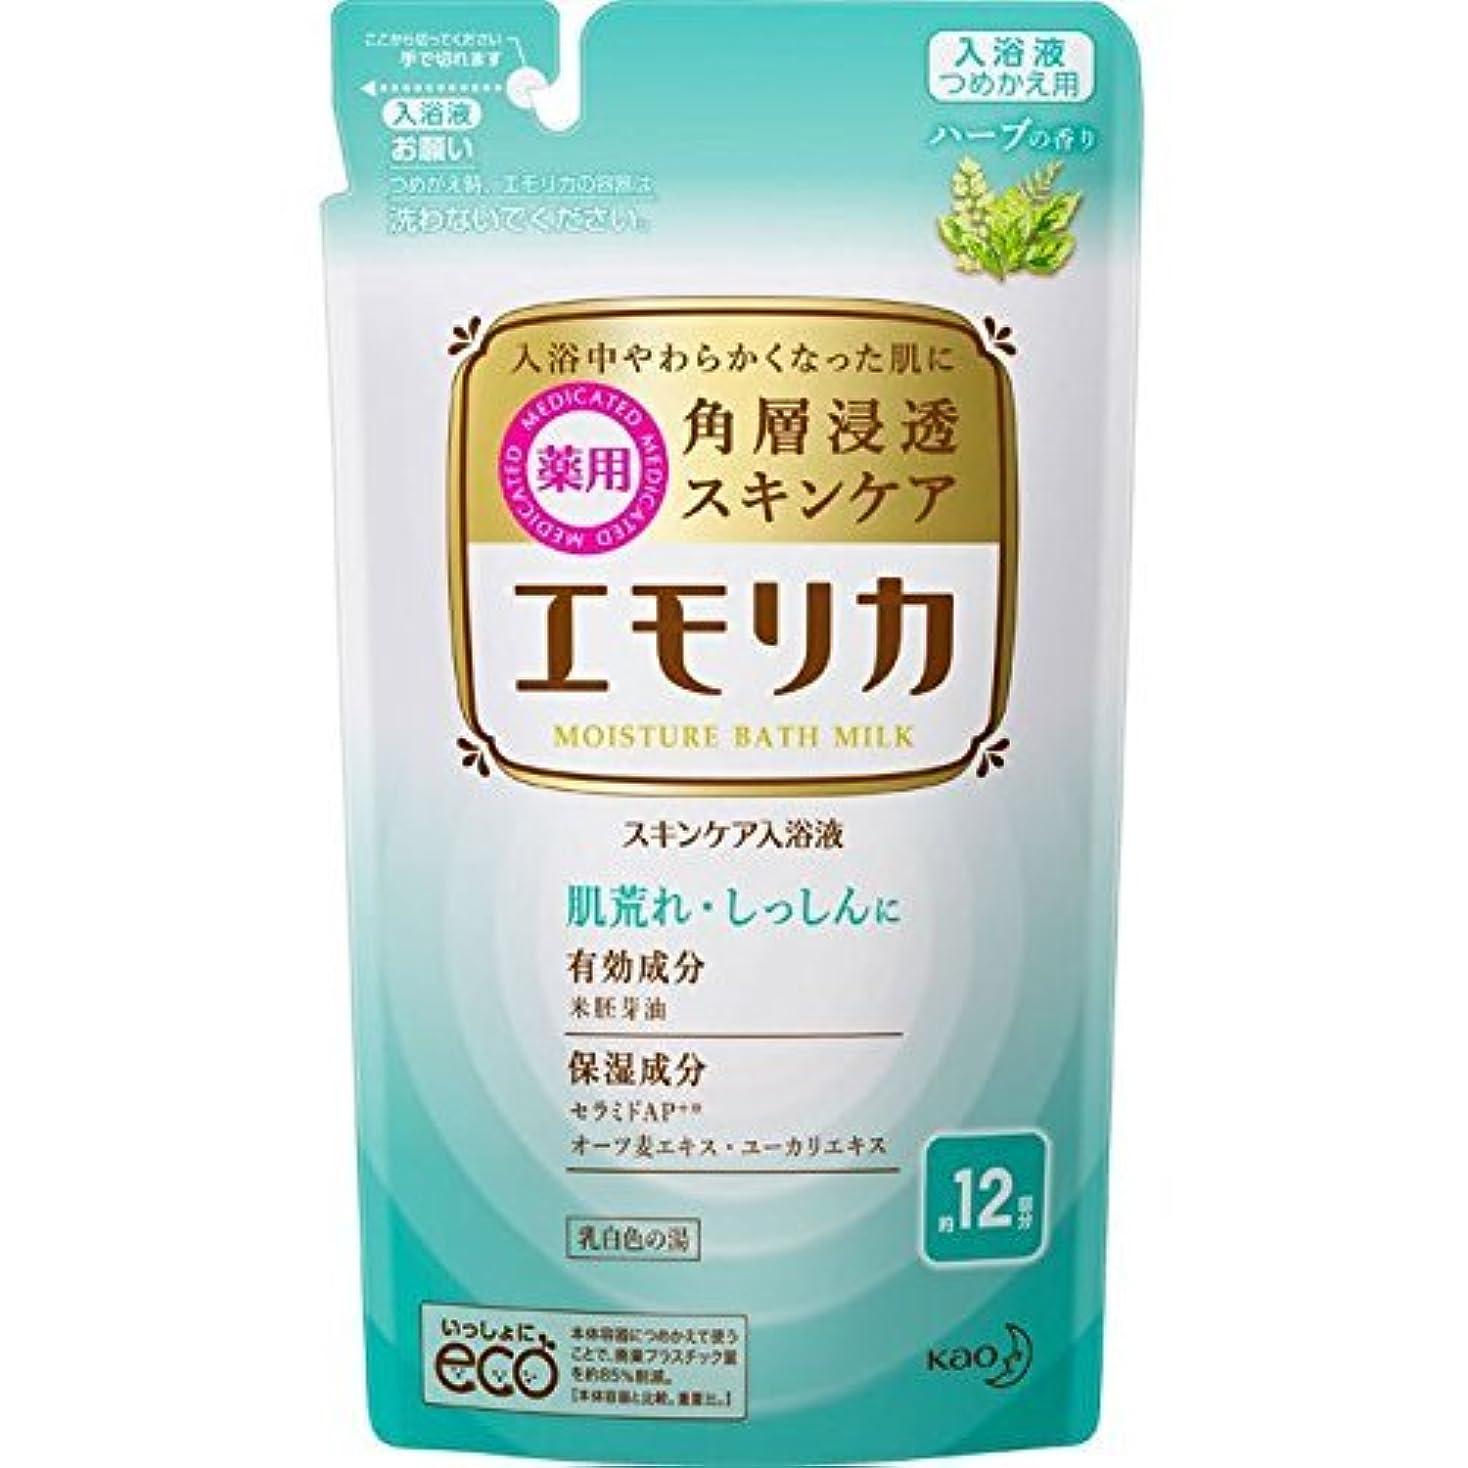 マイナーフレキシブル時【花王】エモリカ ハーブの香り つめかえ用 360ml ×20個セット